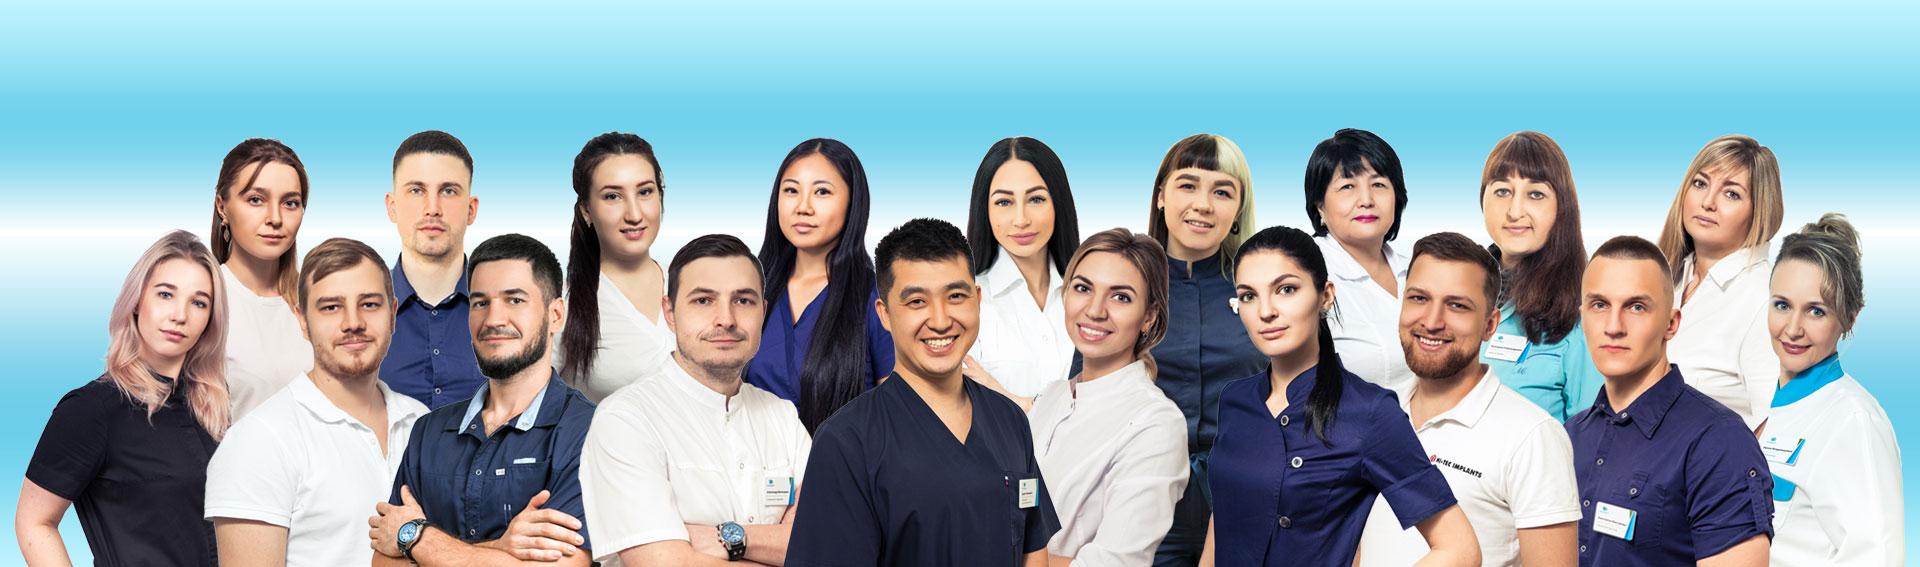 Коллектив стоматологического центра Гелиодент